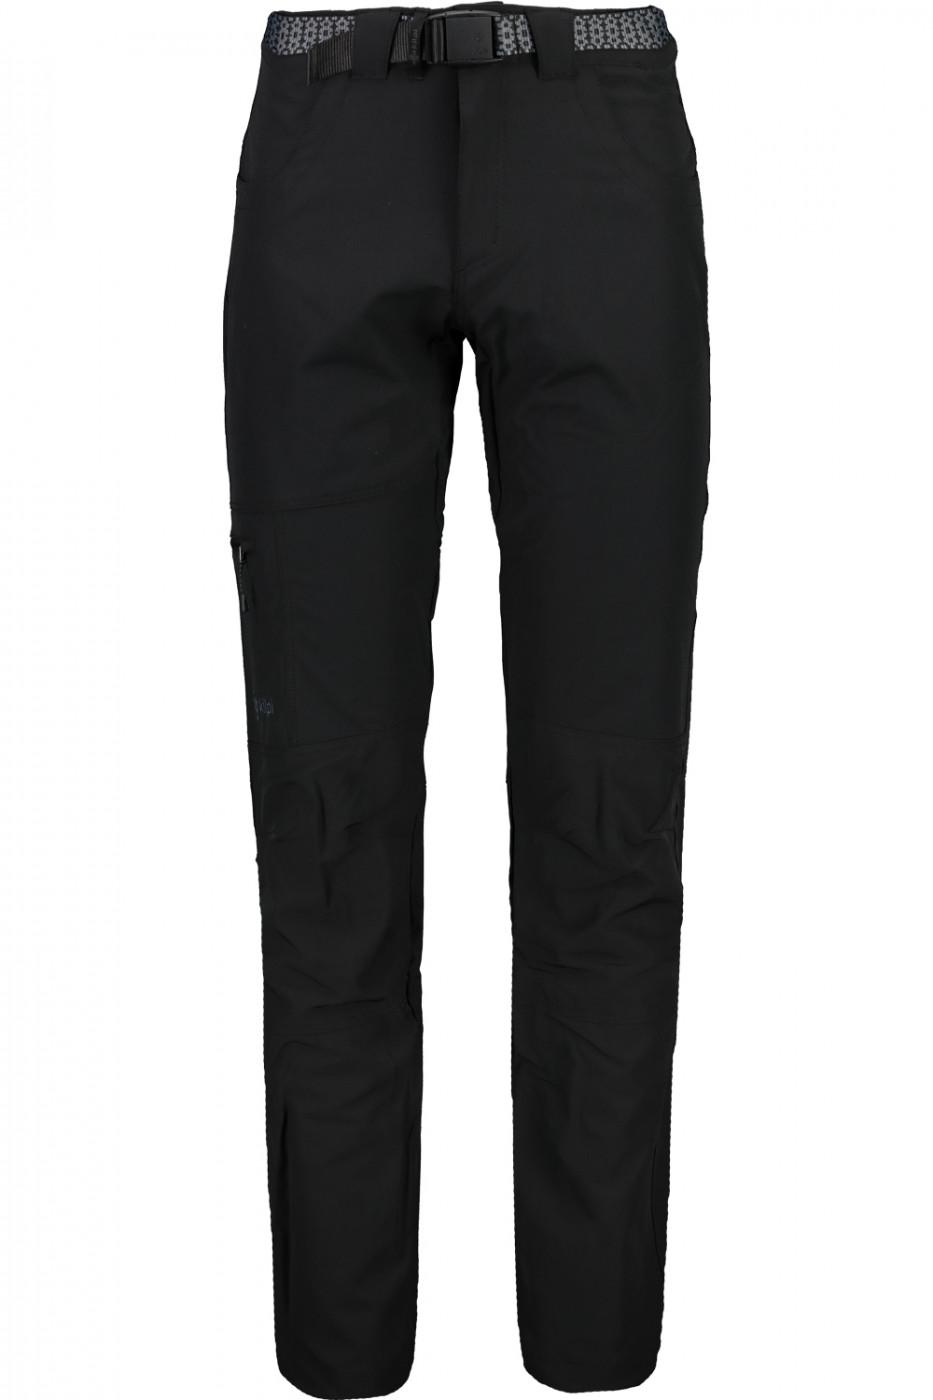 Men's pants Kilpi Outdoor